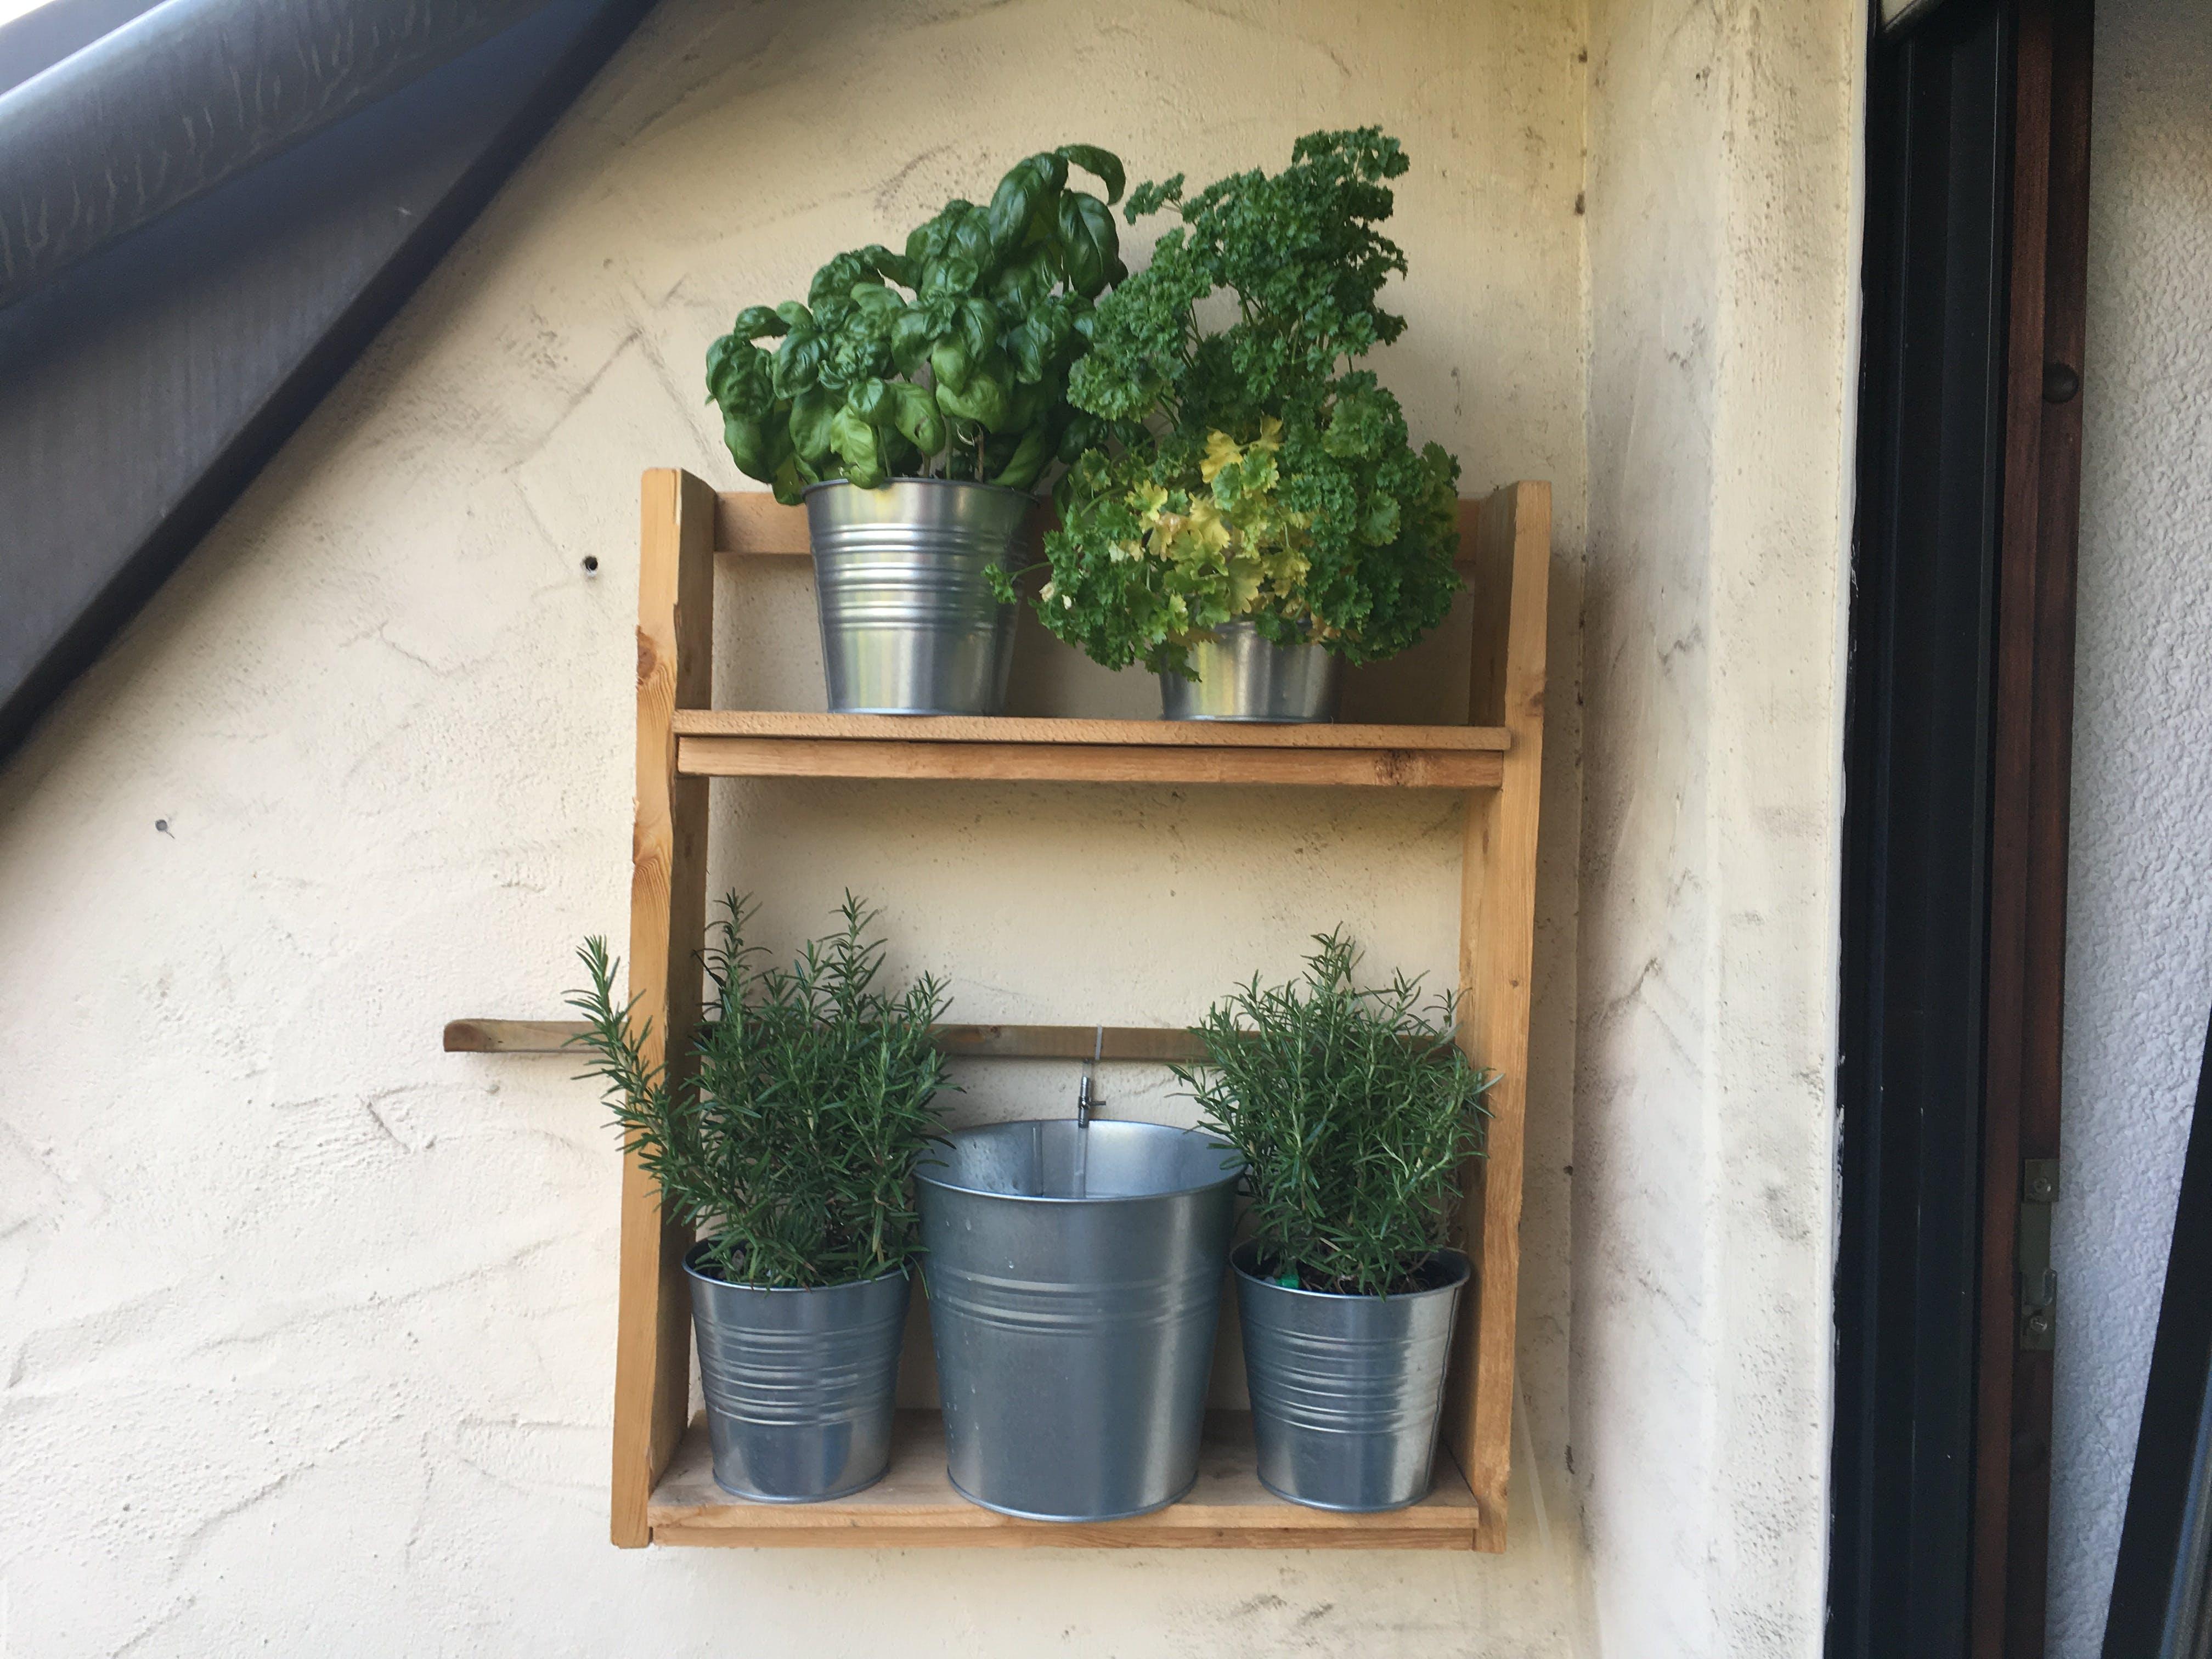 Picture 1: Hanging herbal garden